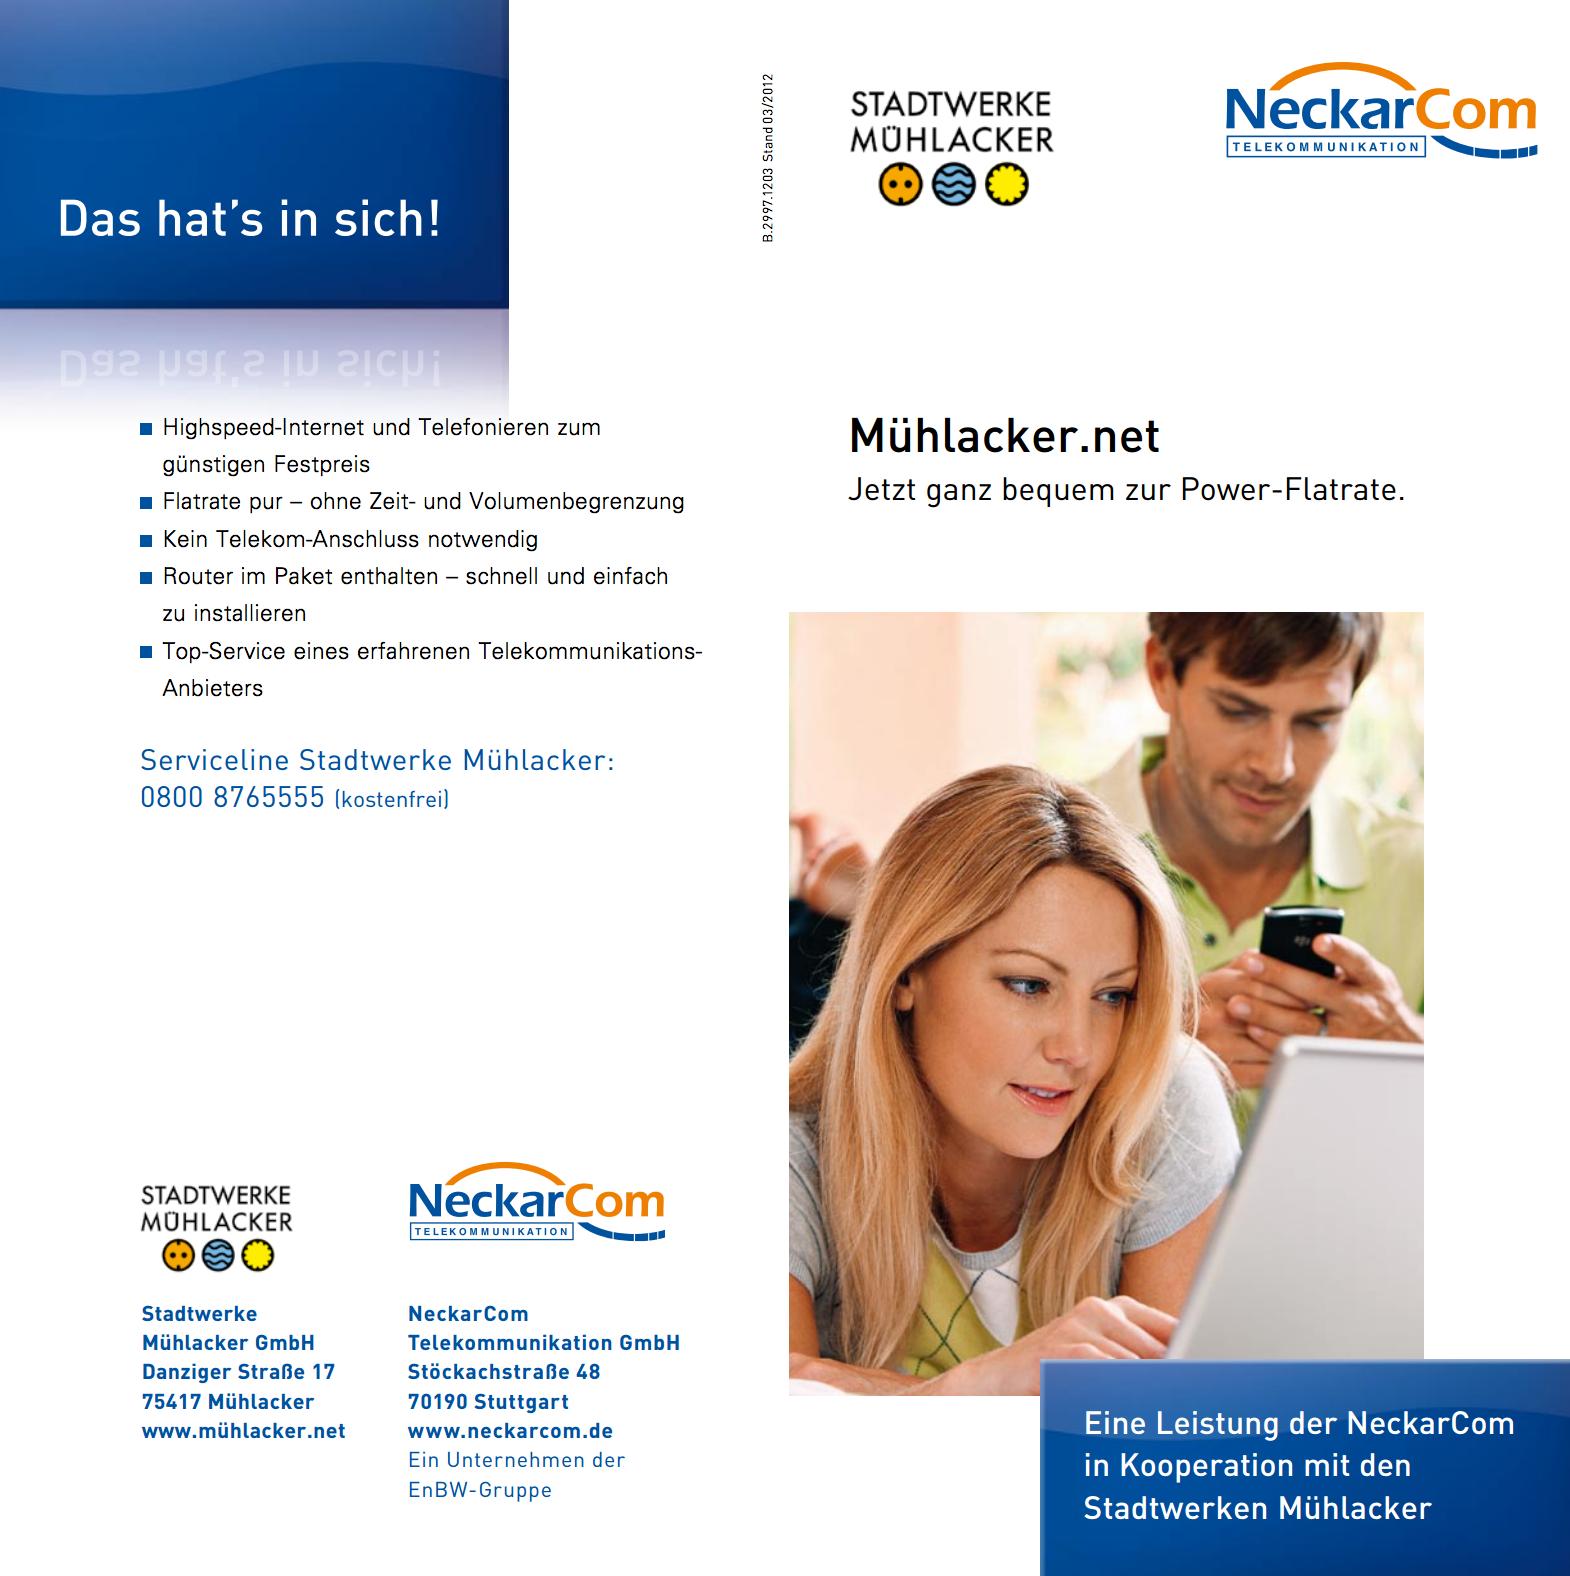 Mühlacker.net, eine Kooperation zwischen den Stadtwerken und NetCom BW für schnelles Internet in Mühlacker